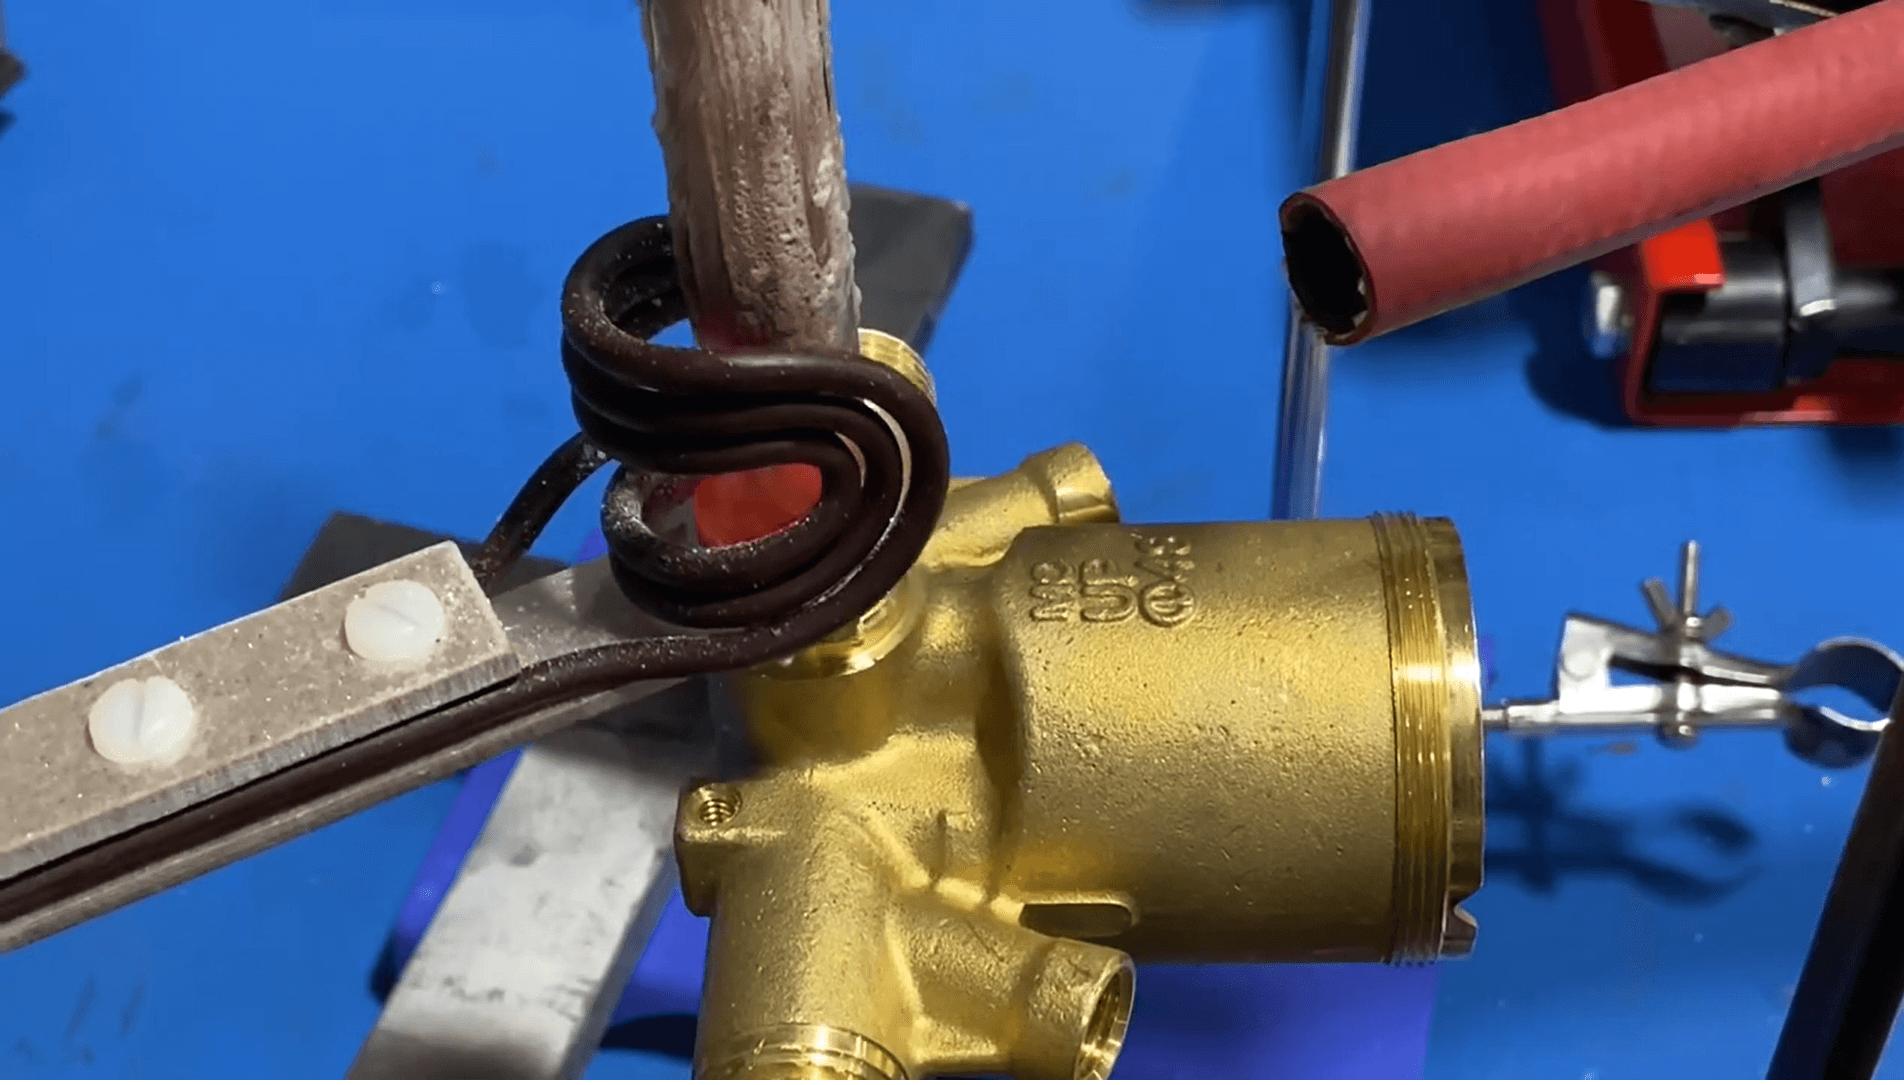 induction brazing of brass valve assembly